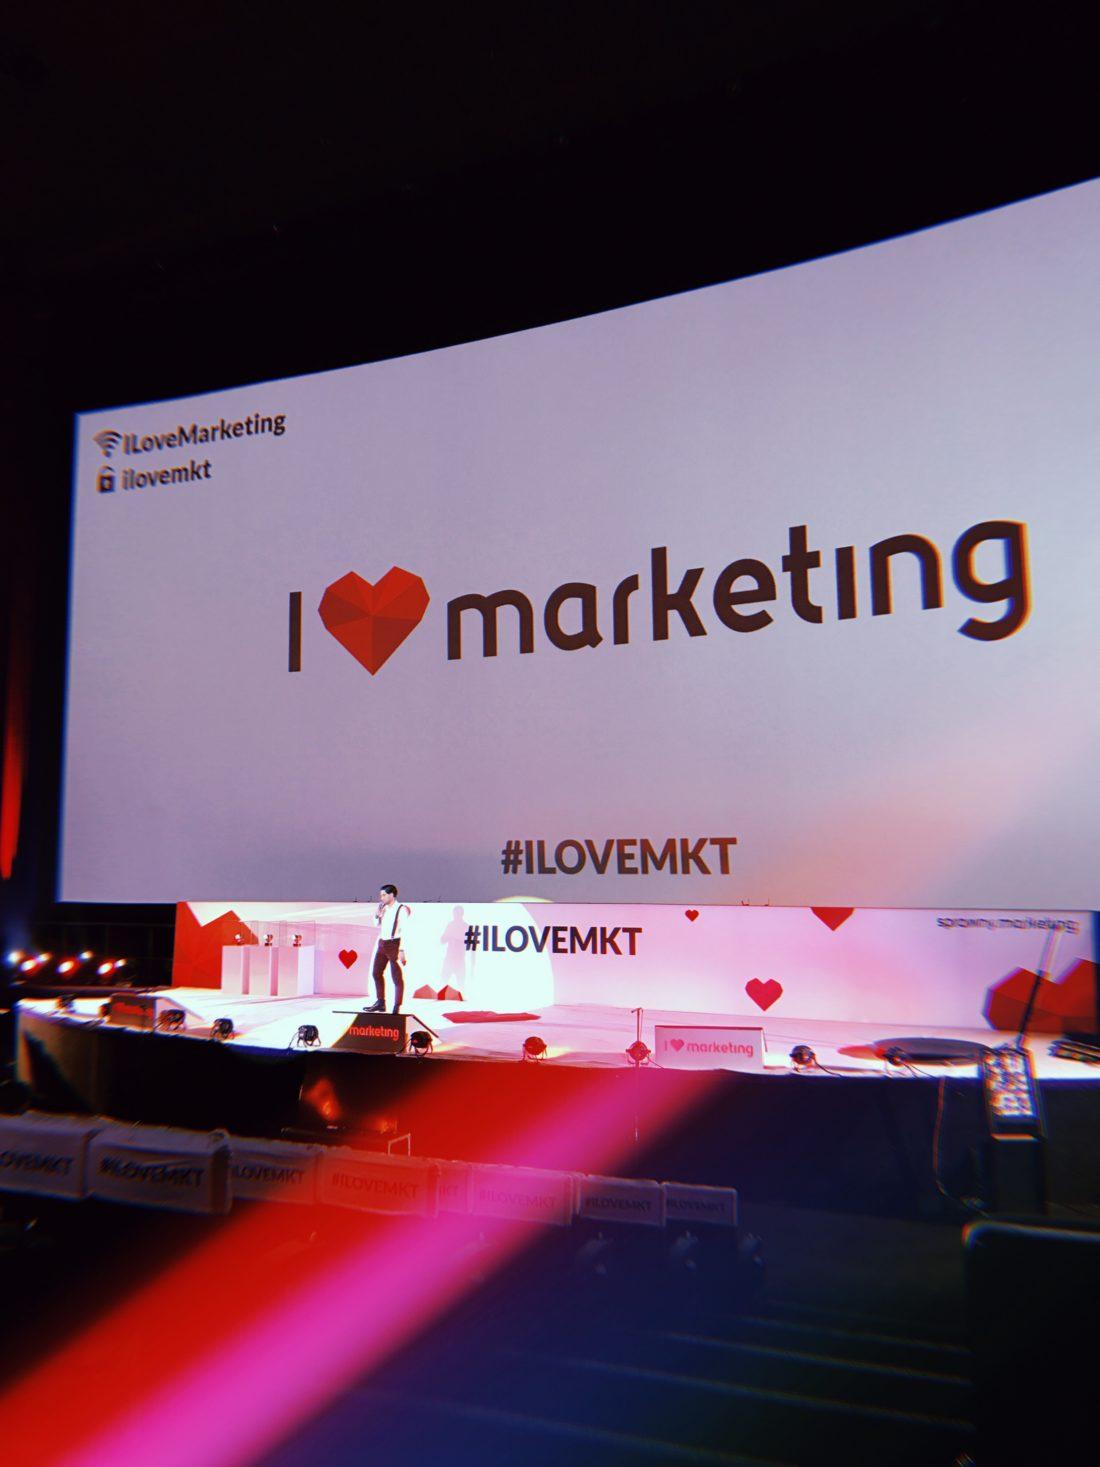 """Eventy marketingowe   """"Konferencja I ❤️ marketing 2019 """"- relacja z konferencji   Paulina Głąb"""